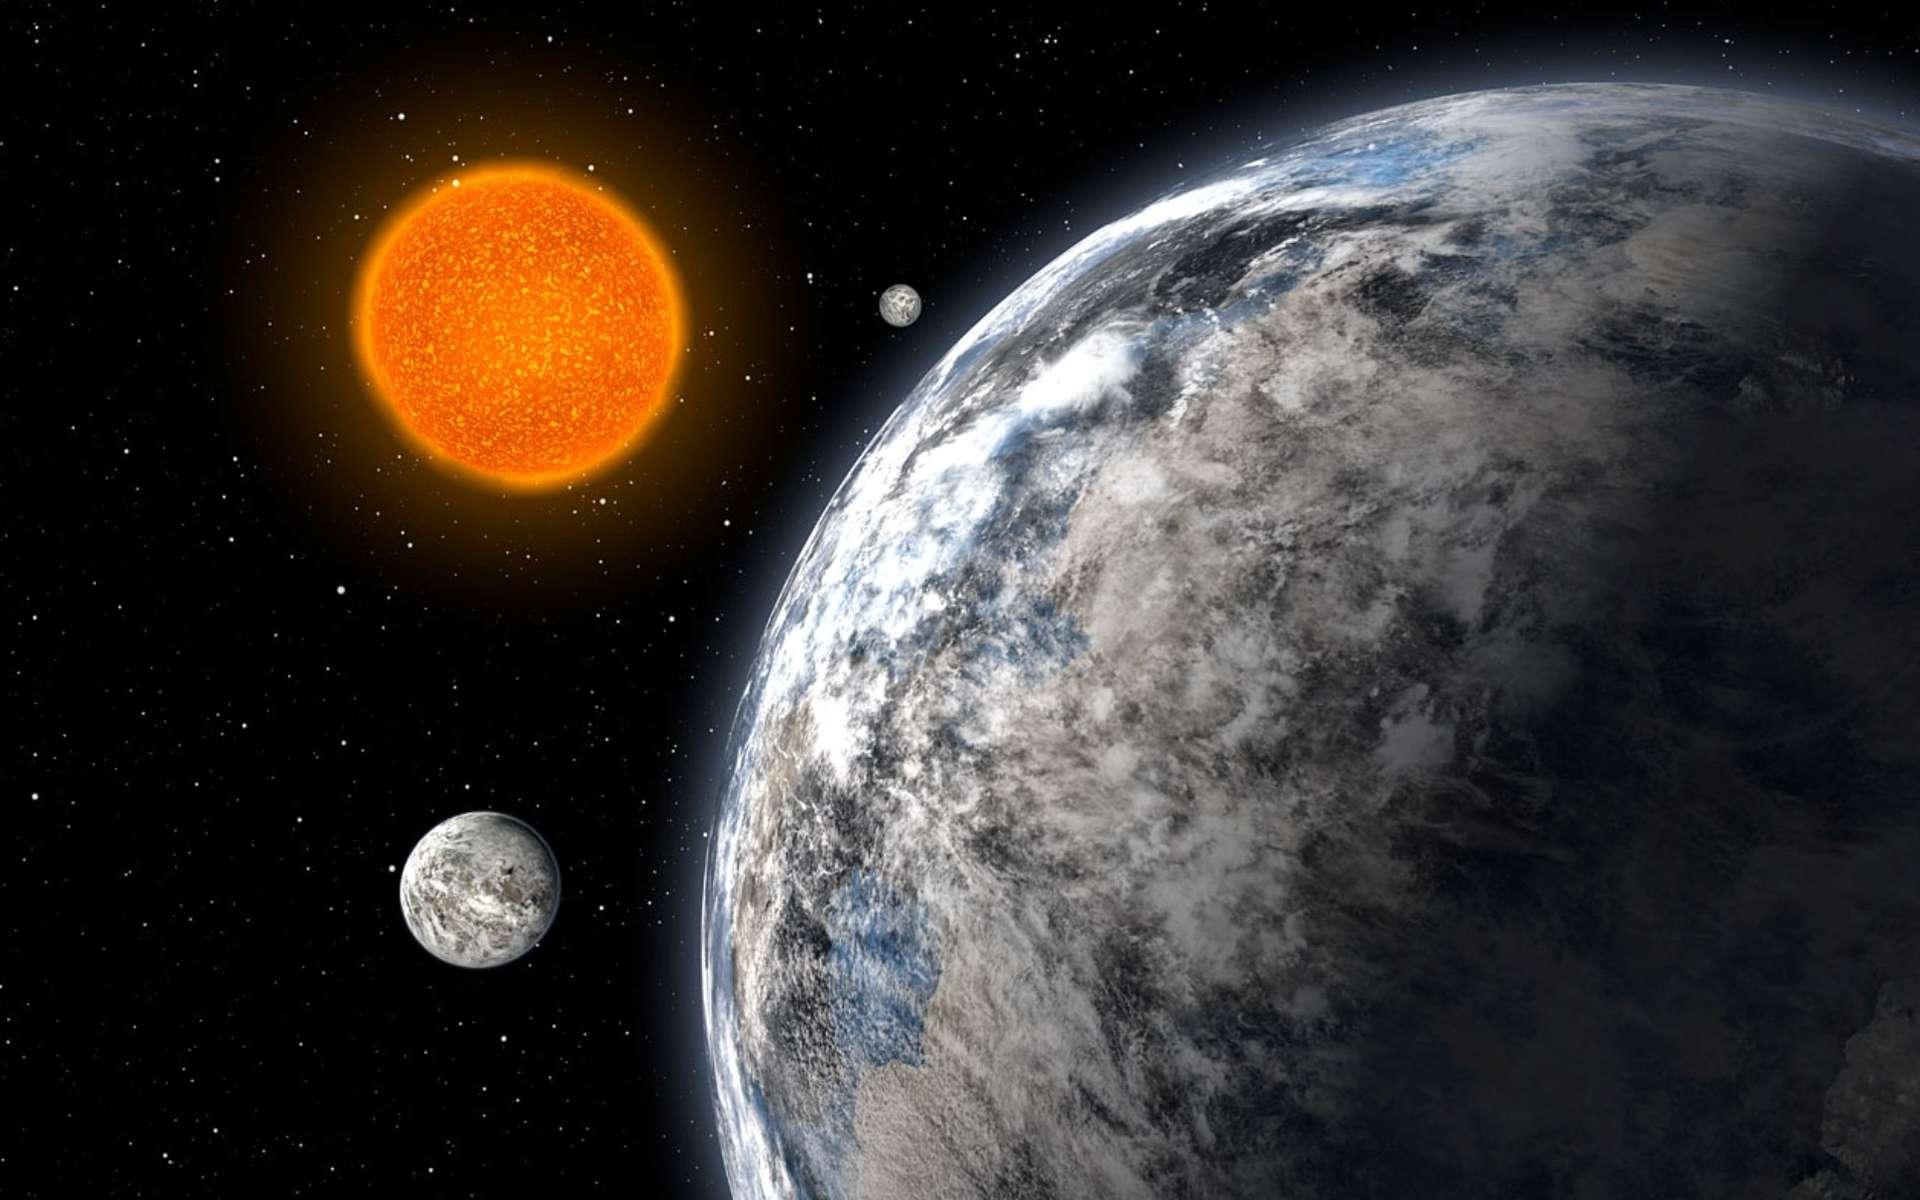 Vue d'artiste du trio de superterres découvert par une équipe européenne en utilisant le spectrographe Harps sur le télescope de l'ESO de 3,6 m à La Silla, au Chili, après cinq années d'observations. Les trois planètes ont respectivement 4,2, 6,7 et 9,4 fois la masse de la Terre et bouclent des orbites autour de l'étoile HD 40307 avec des périodes respectivement de 4,3, 9,6 et 20,4 jours. © ESO